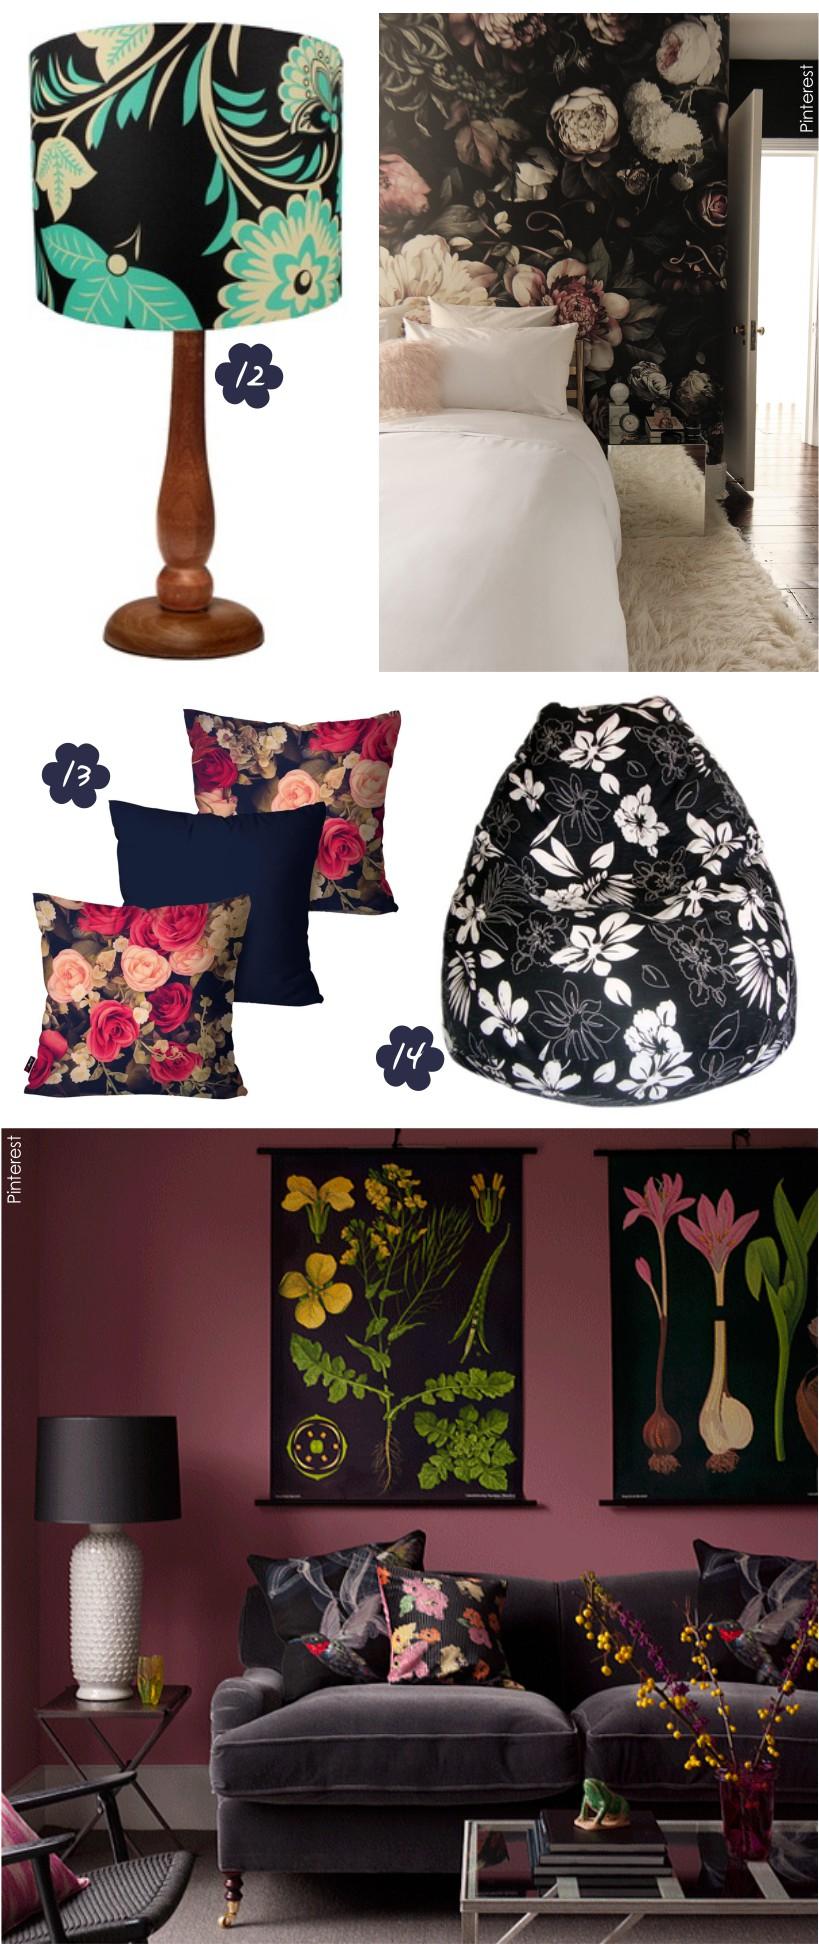 Estampa Floral na decoração de interiores